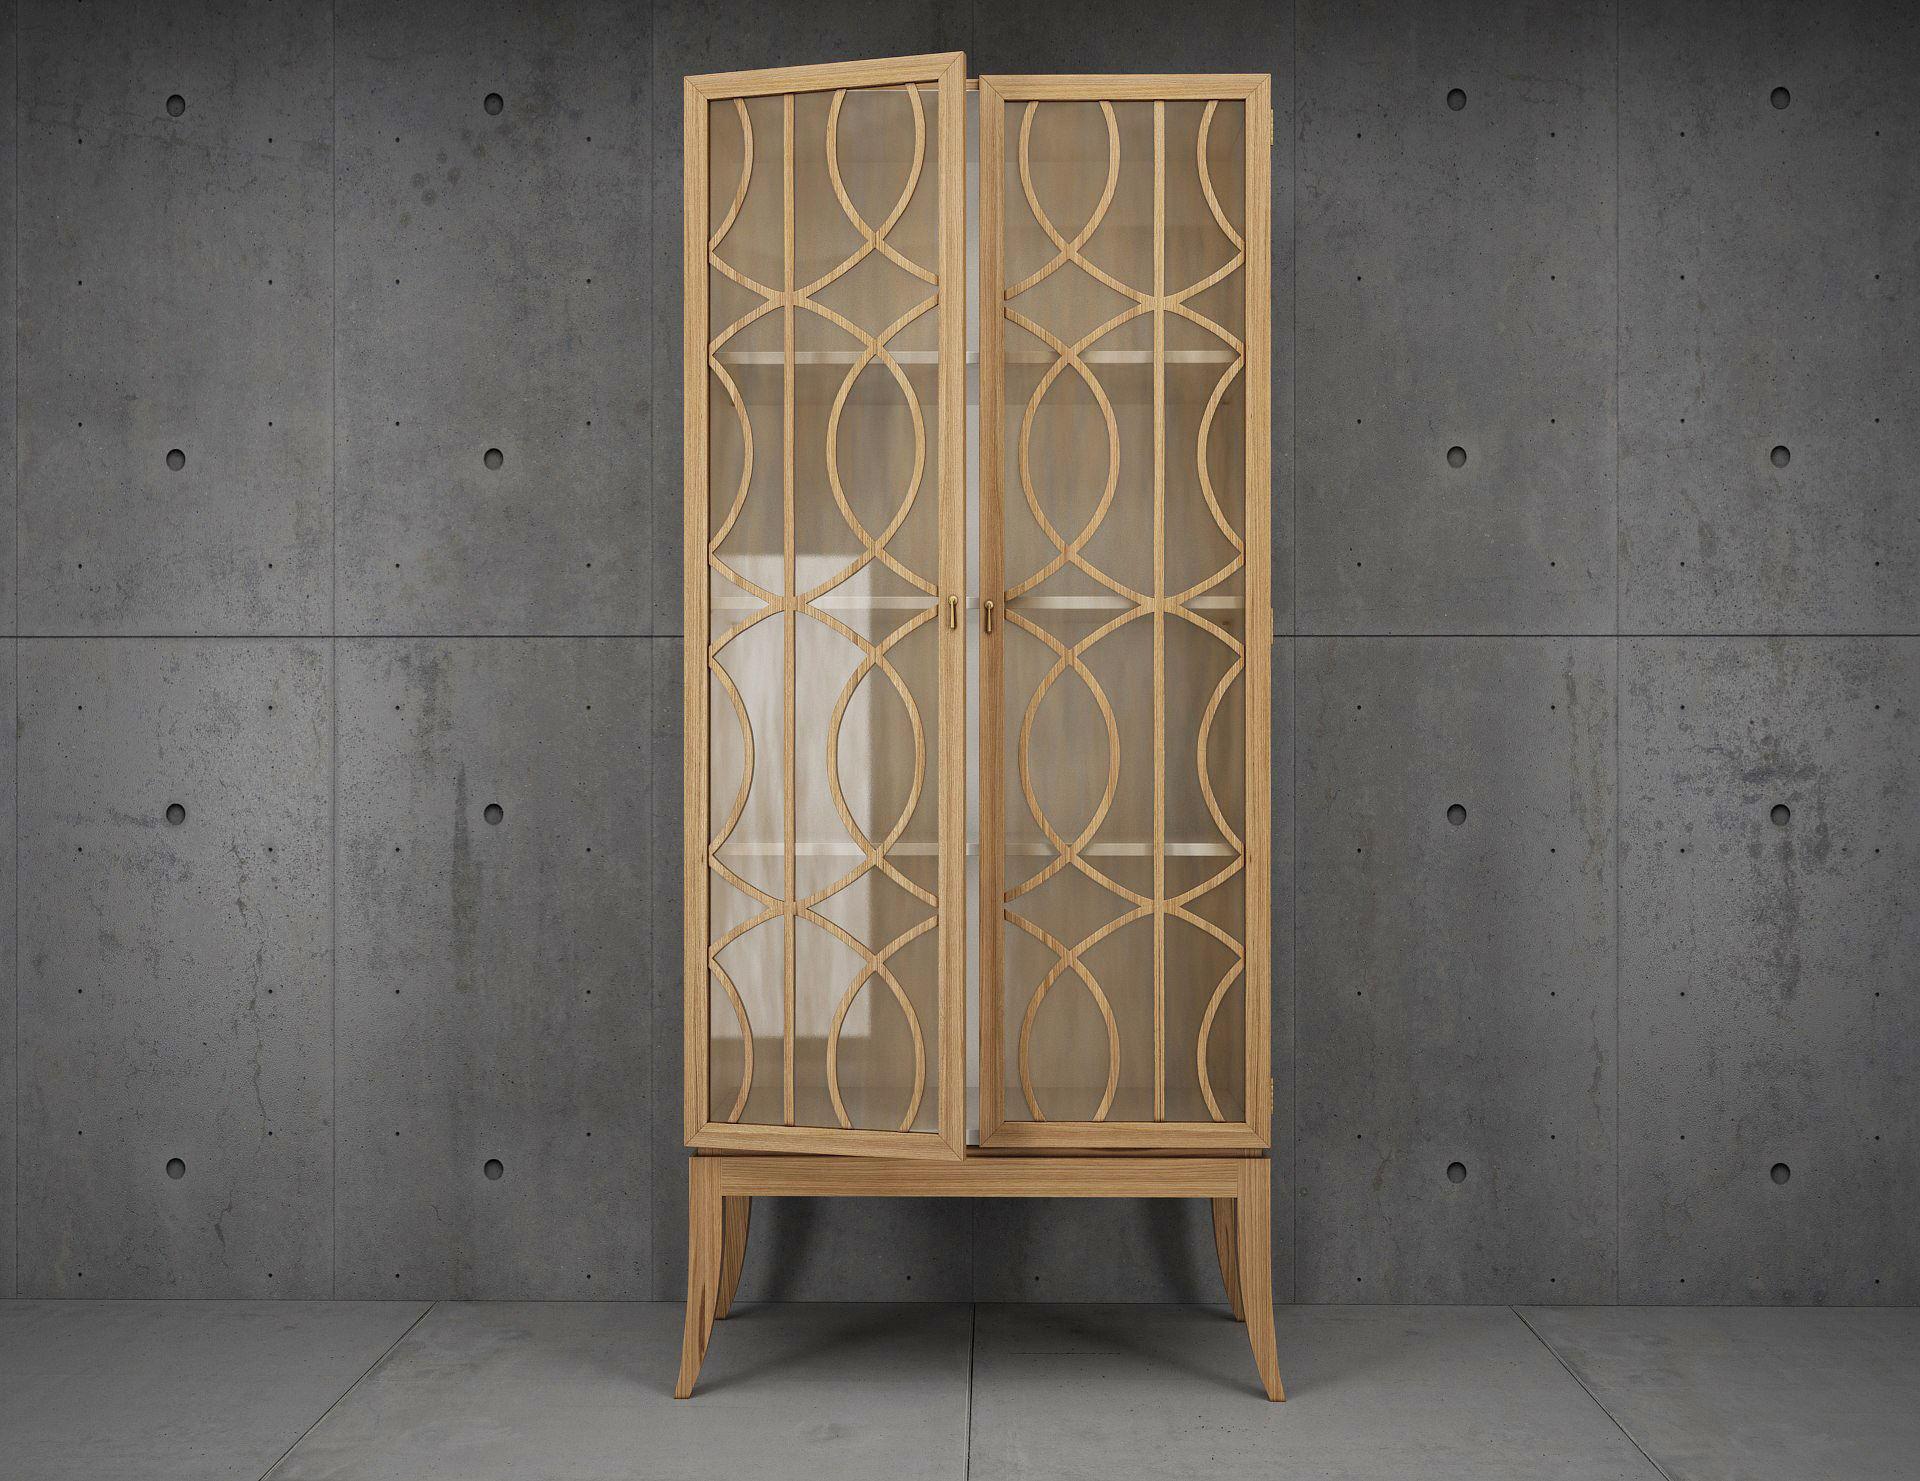 dwell studio furniture. Dwell Studio Gate 3d Model Max Obj Mtl 1 Furniture E